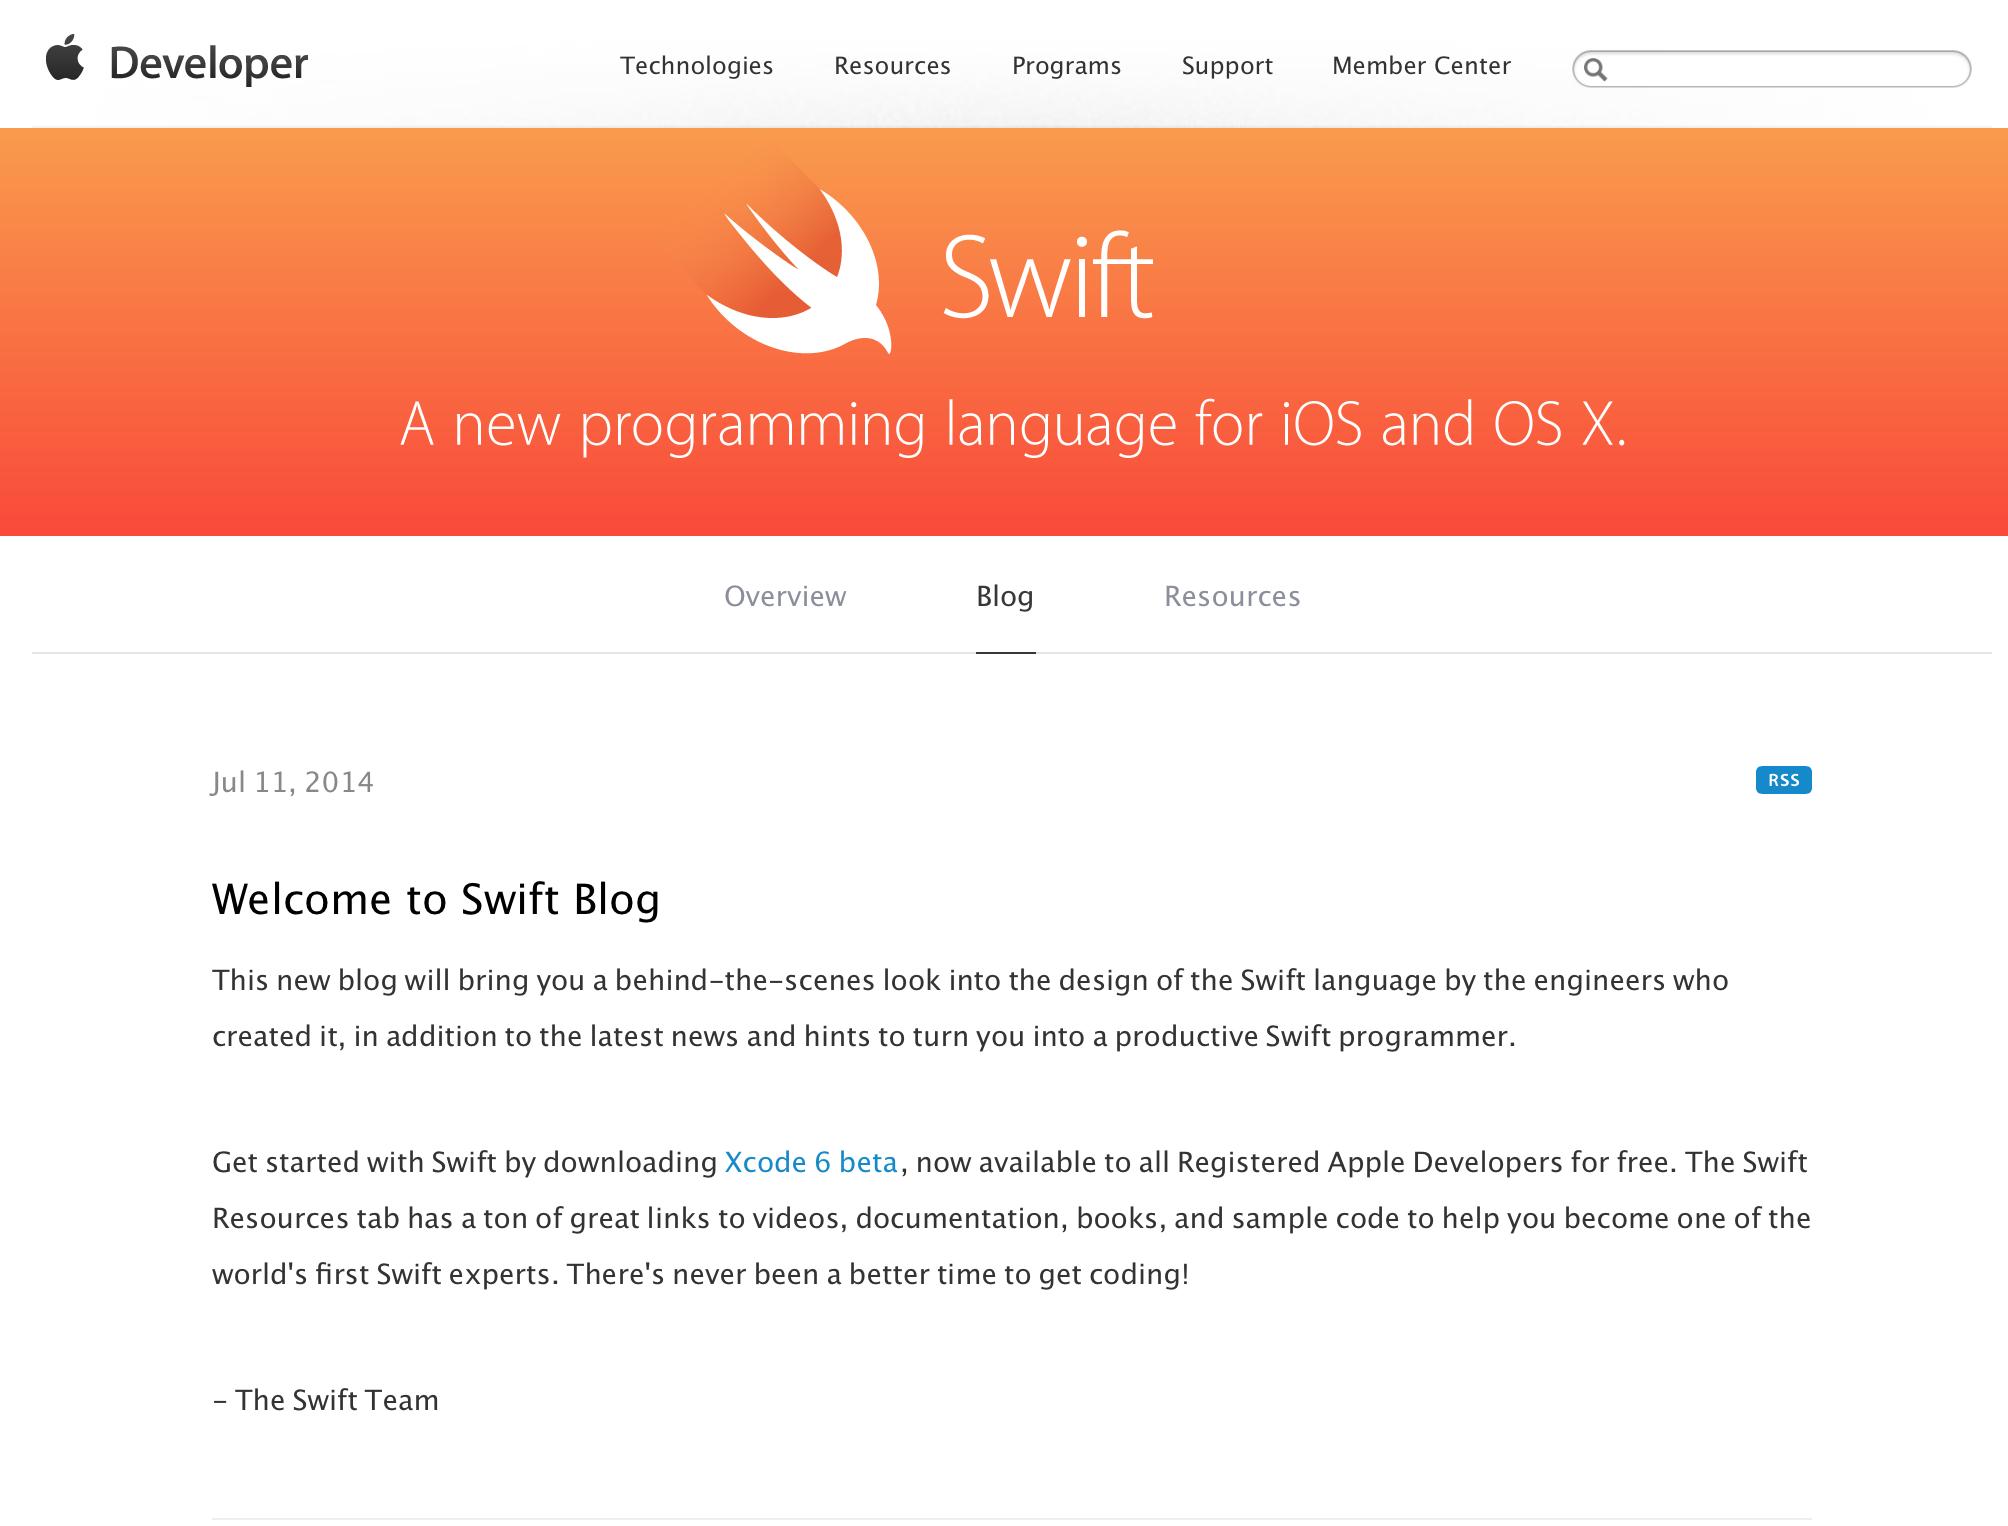 data_applenews_developer_apple_swift_blog